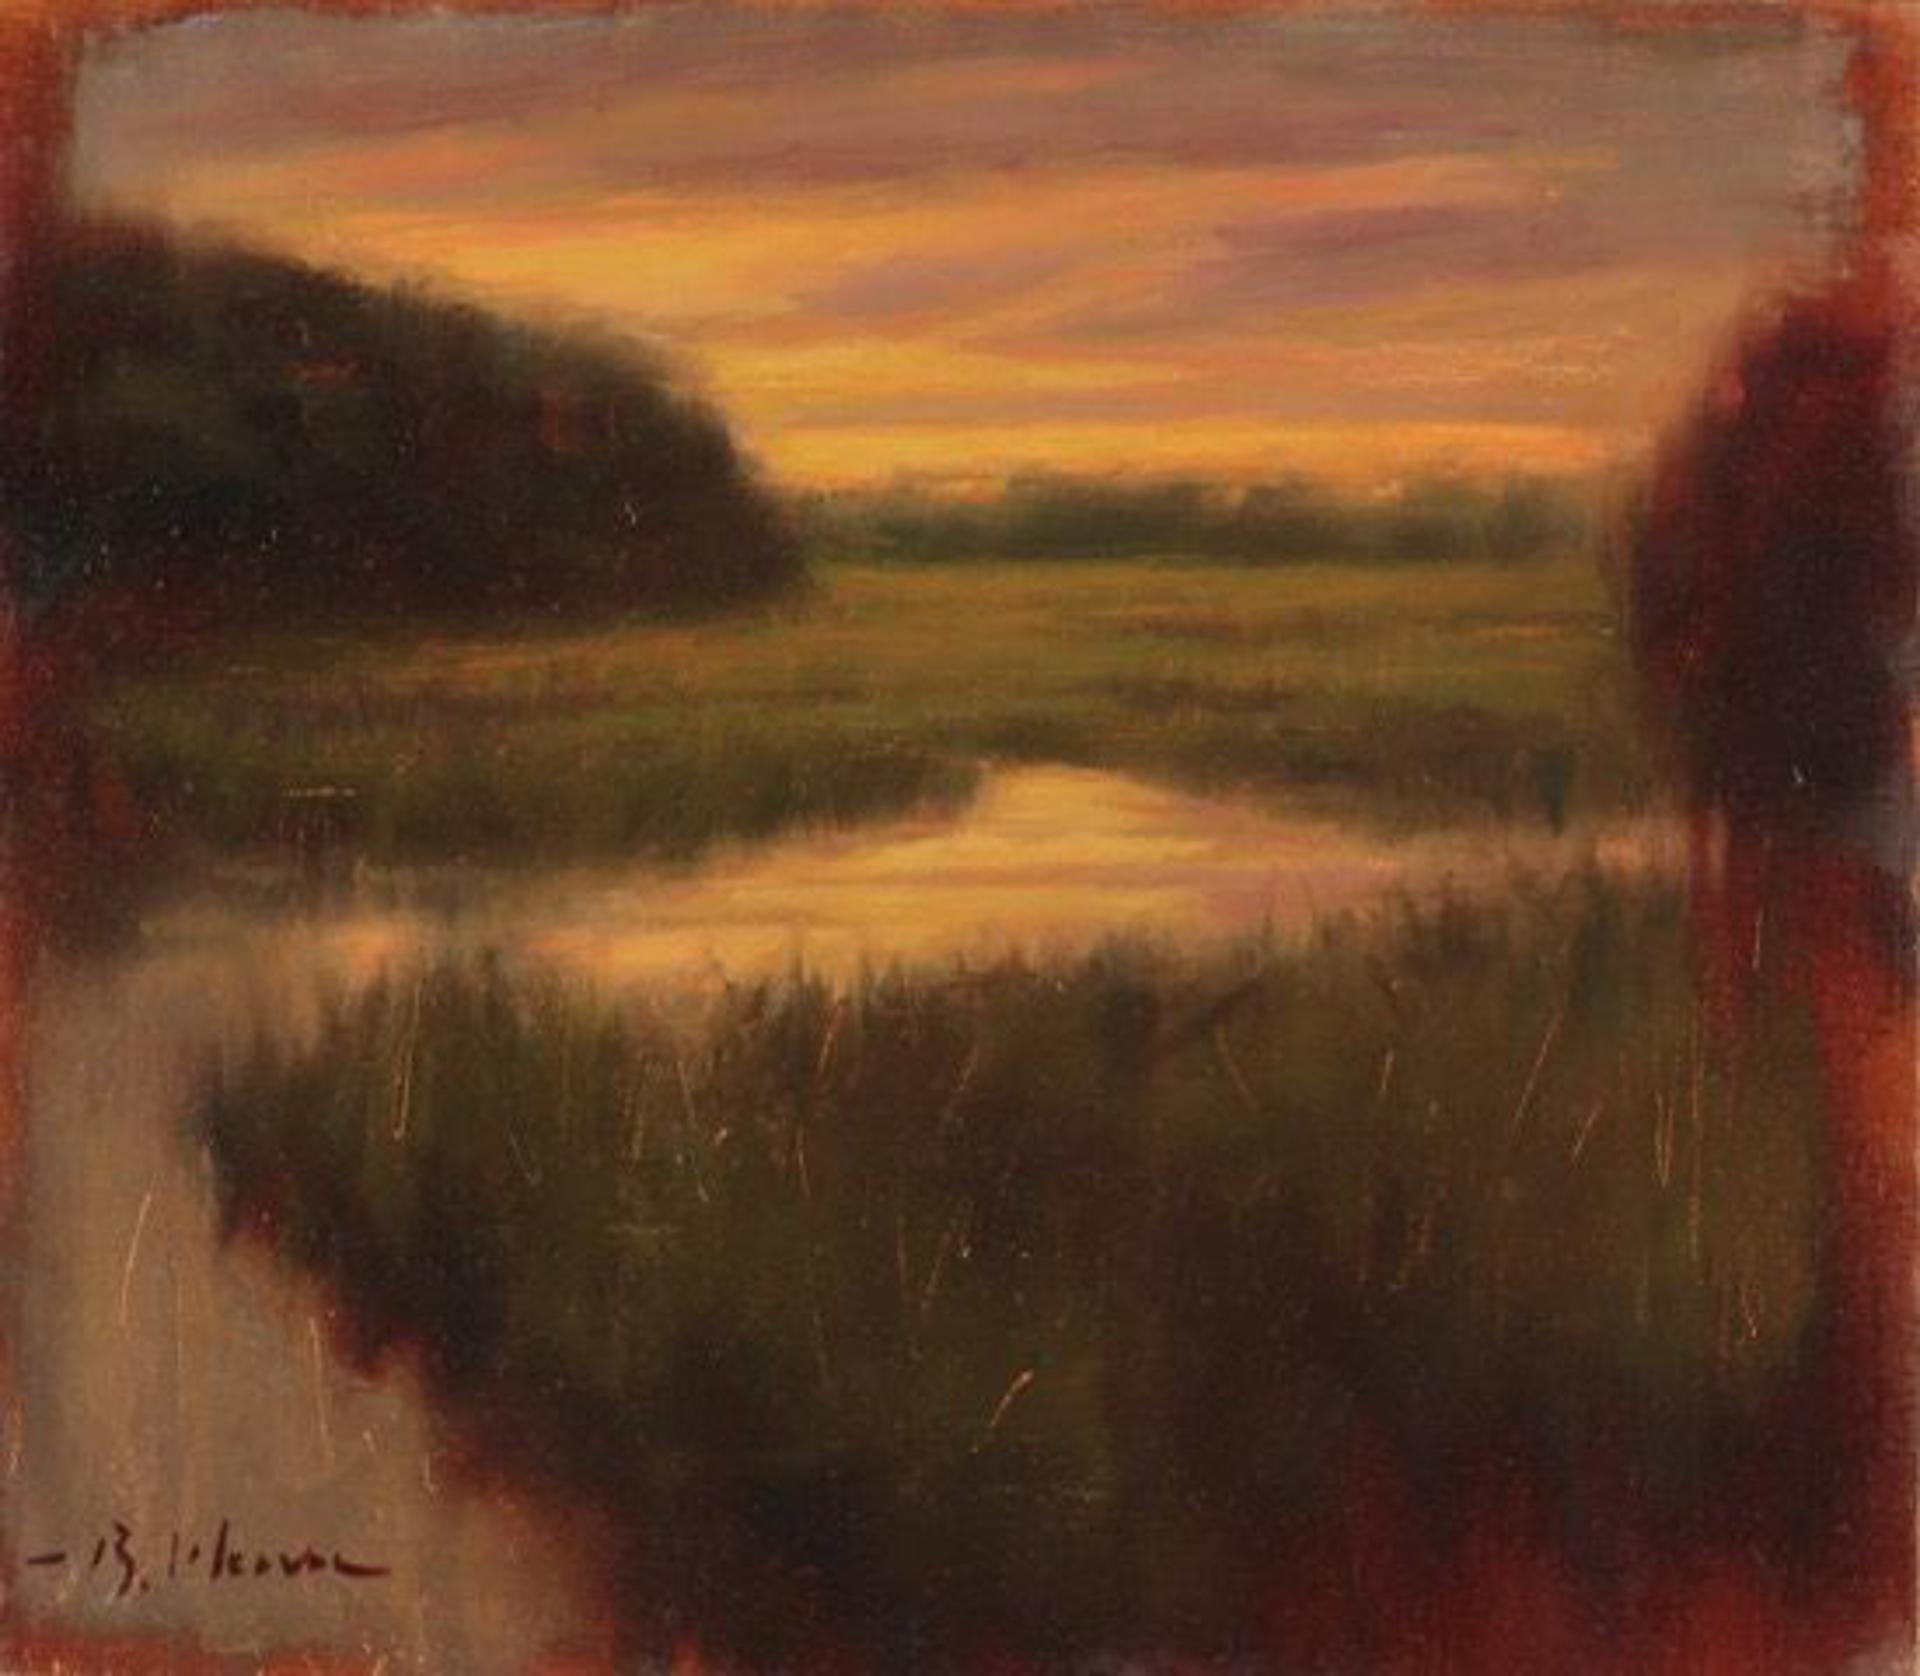 Evening Glow by Brett Weaver